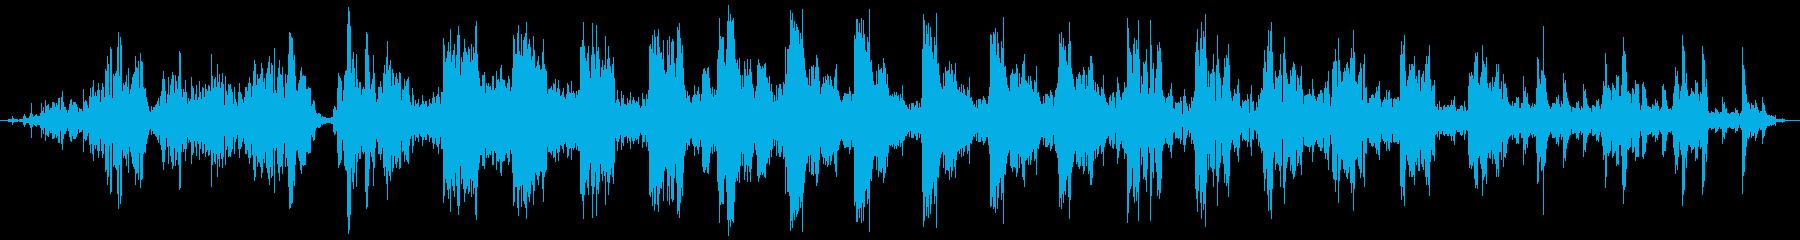 スペースコンピューター旋回アルバム...の再生済みの波形